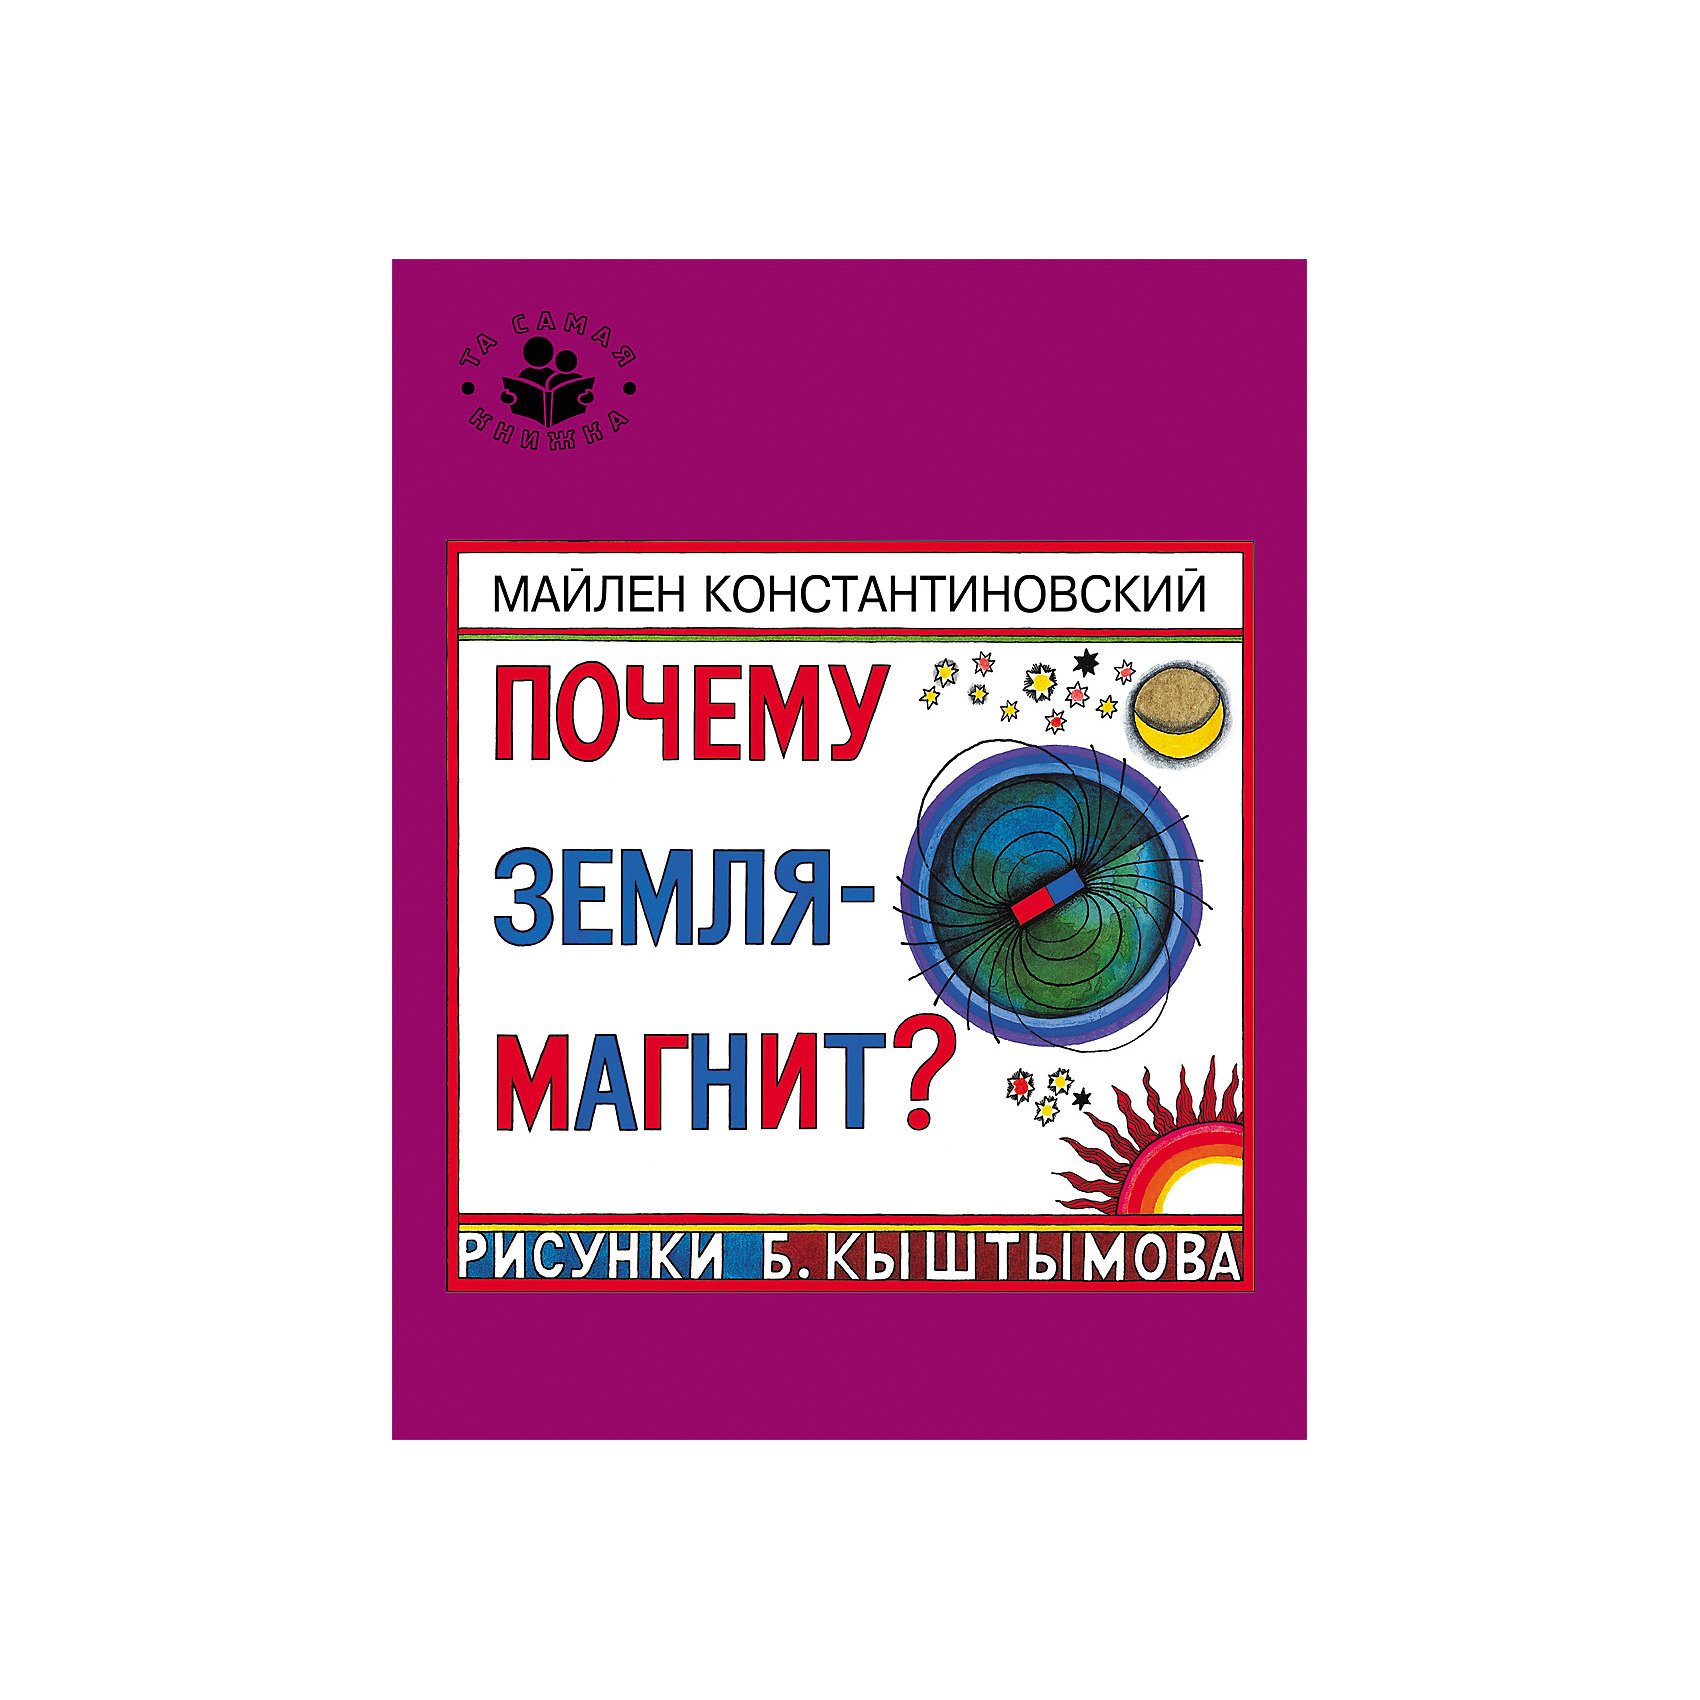 Почему Земля - магнит?Росмэн<br>Характеристики товара:<br><br>- цвет: разноцветный;<br>- материал: бумага;<br>- страниц: 24;<br>- формат: 25 х 20 см;<br>- обложка: твердая;<br>- иллюстрации.<br><br>Эта интересная книга с иллюстрациями станет отличным подарком для ребенка. Она содержит в себе ответы на вопросы, которые интересуют малышей. Всё представлено в очень простой форме! Талантливый иллюстратор дополнил книгу качественными рисунками, которые помогают ребенку понять суть многих вещей в нашем мире. Удивительные и интересные факты помогут привить любовь к учебе!<br>Чтение - отличный способ активизации мышления, оно помогает ребенку развивать зрительную память, концентрацию внимания и воображение. Издание произведено из качественных материалов, которые безопасны даже для самых маленьких.<br><br>Книгу Почему Земля - магнит? от компании Росмэн можно купить в нашем интернет-магазине.<br><br>Ширина мм: 255<br>Глубина мм: 205<br>Высота мм: 3<br>Вес г: 80<br>Возраст от месяцев: 60<br>Возраст до месяцев: 84<br>Пол: Унисекс<br>Возраст: Детский<br>SKU: 5109925